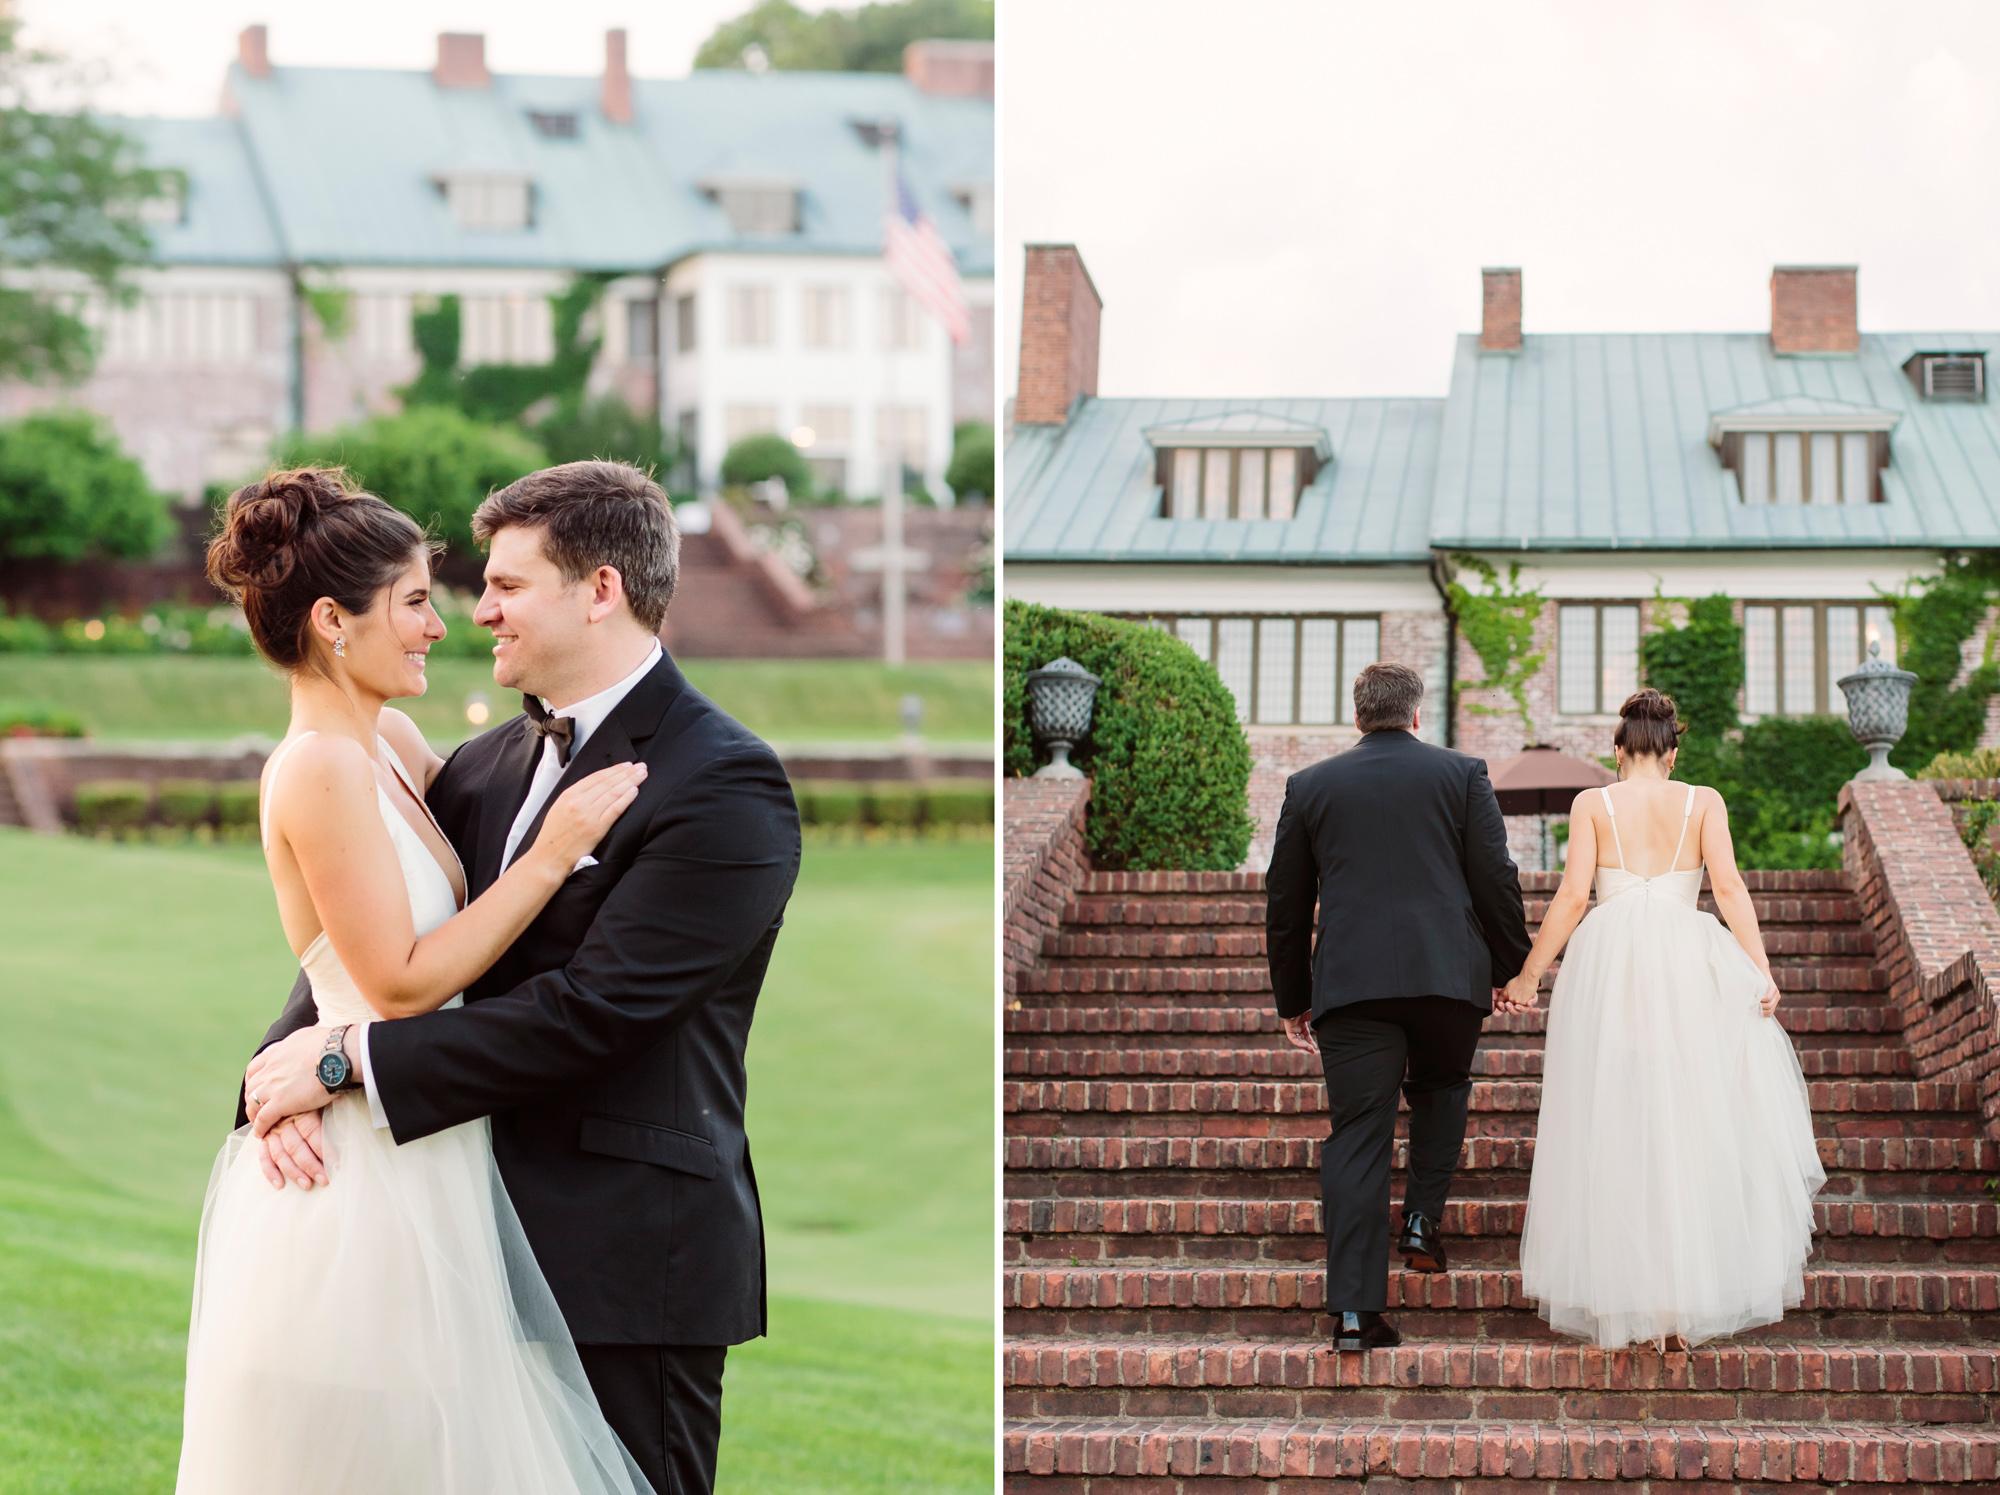 50_Jackie_PJ_Hamilton_Farm_Golf_Club_Wedding_NJ_Tanya_Salazar_Photography_.jpg